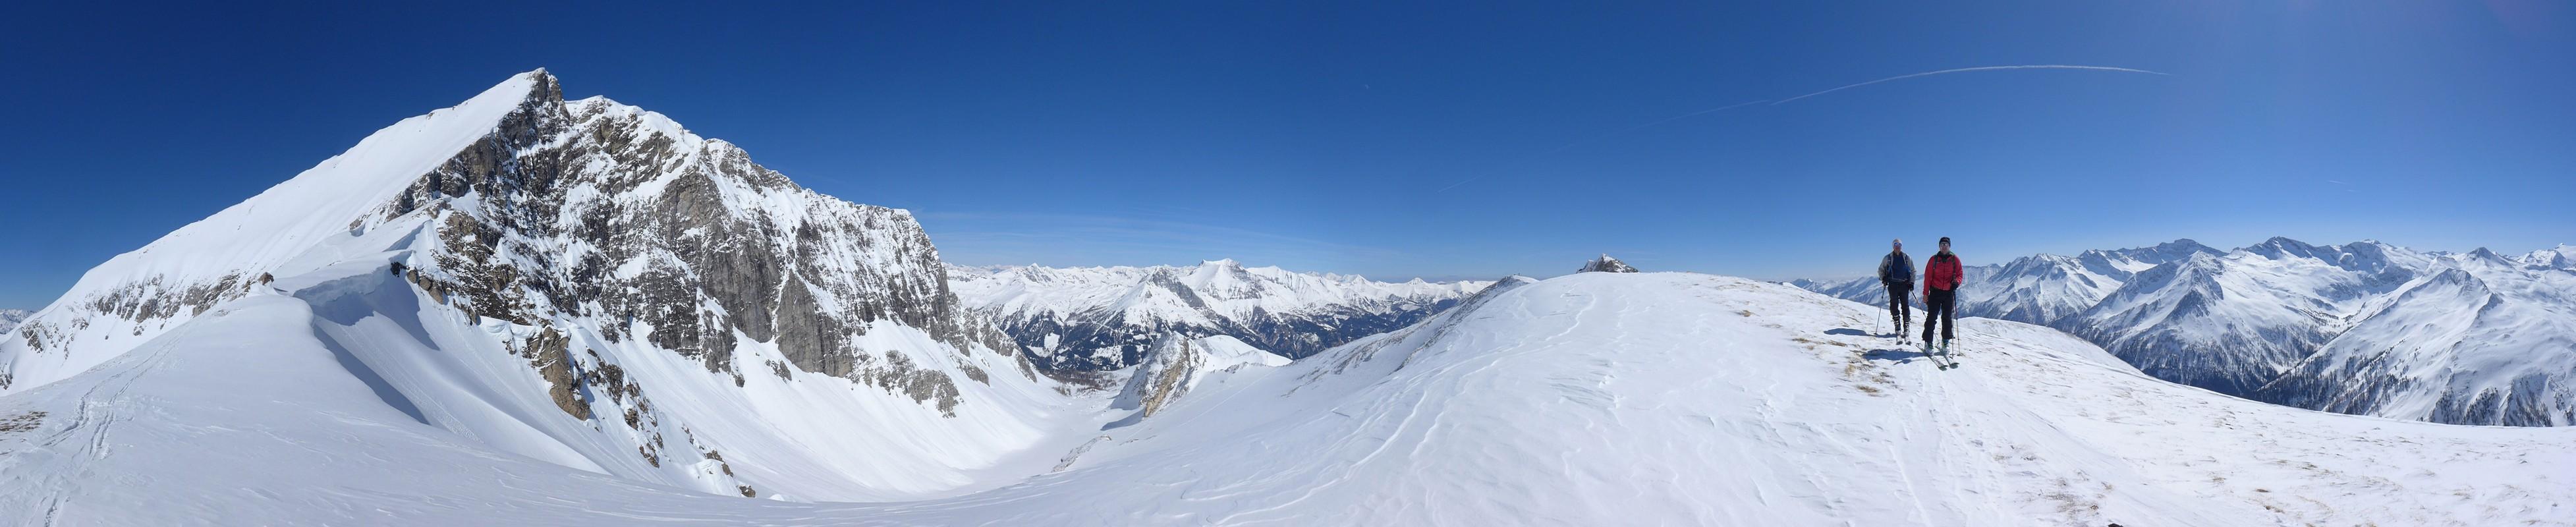 Weisseck Niedere Tauern Austria panorama 22